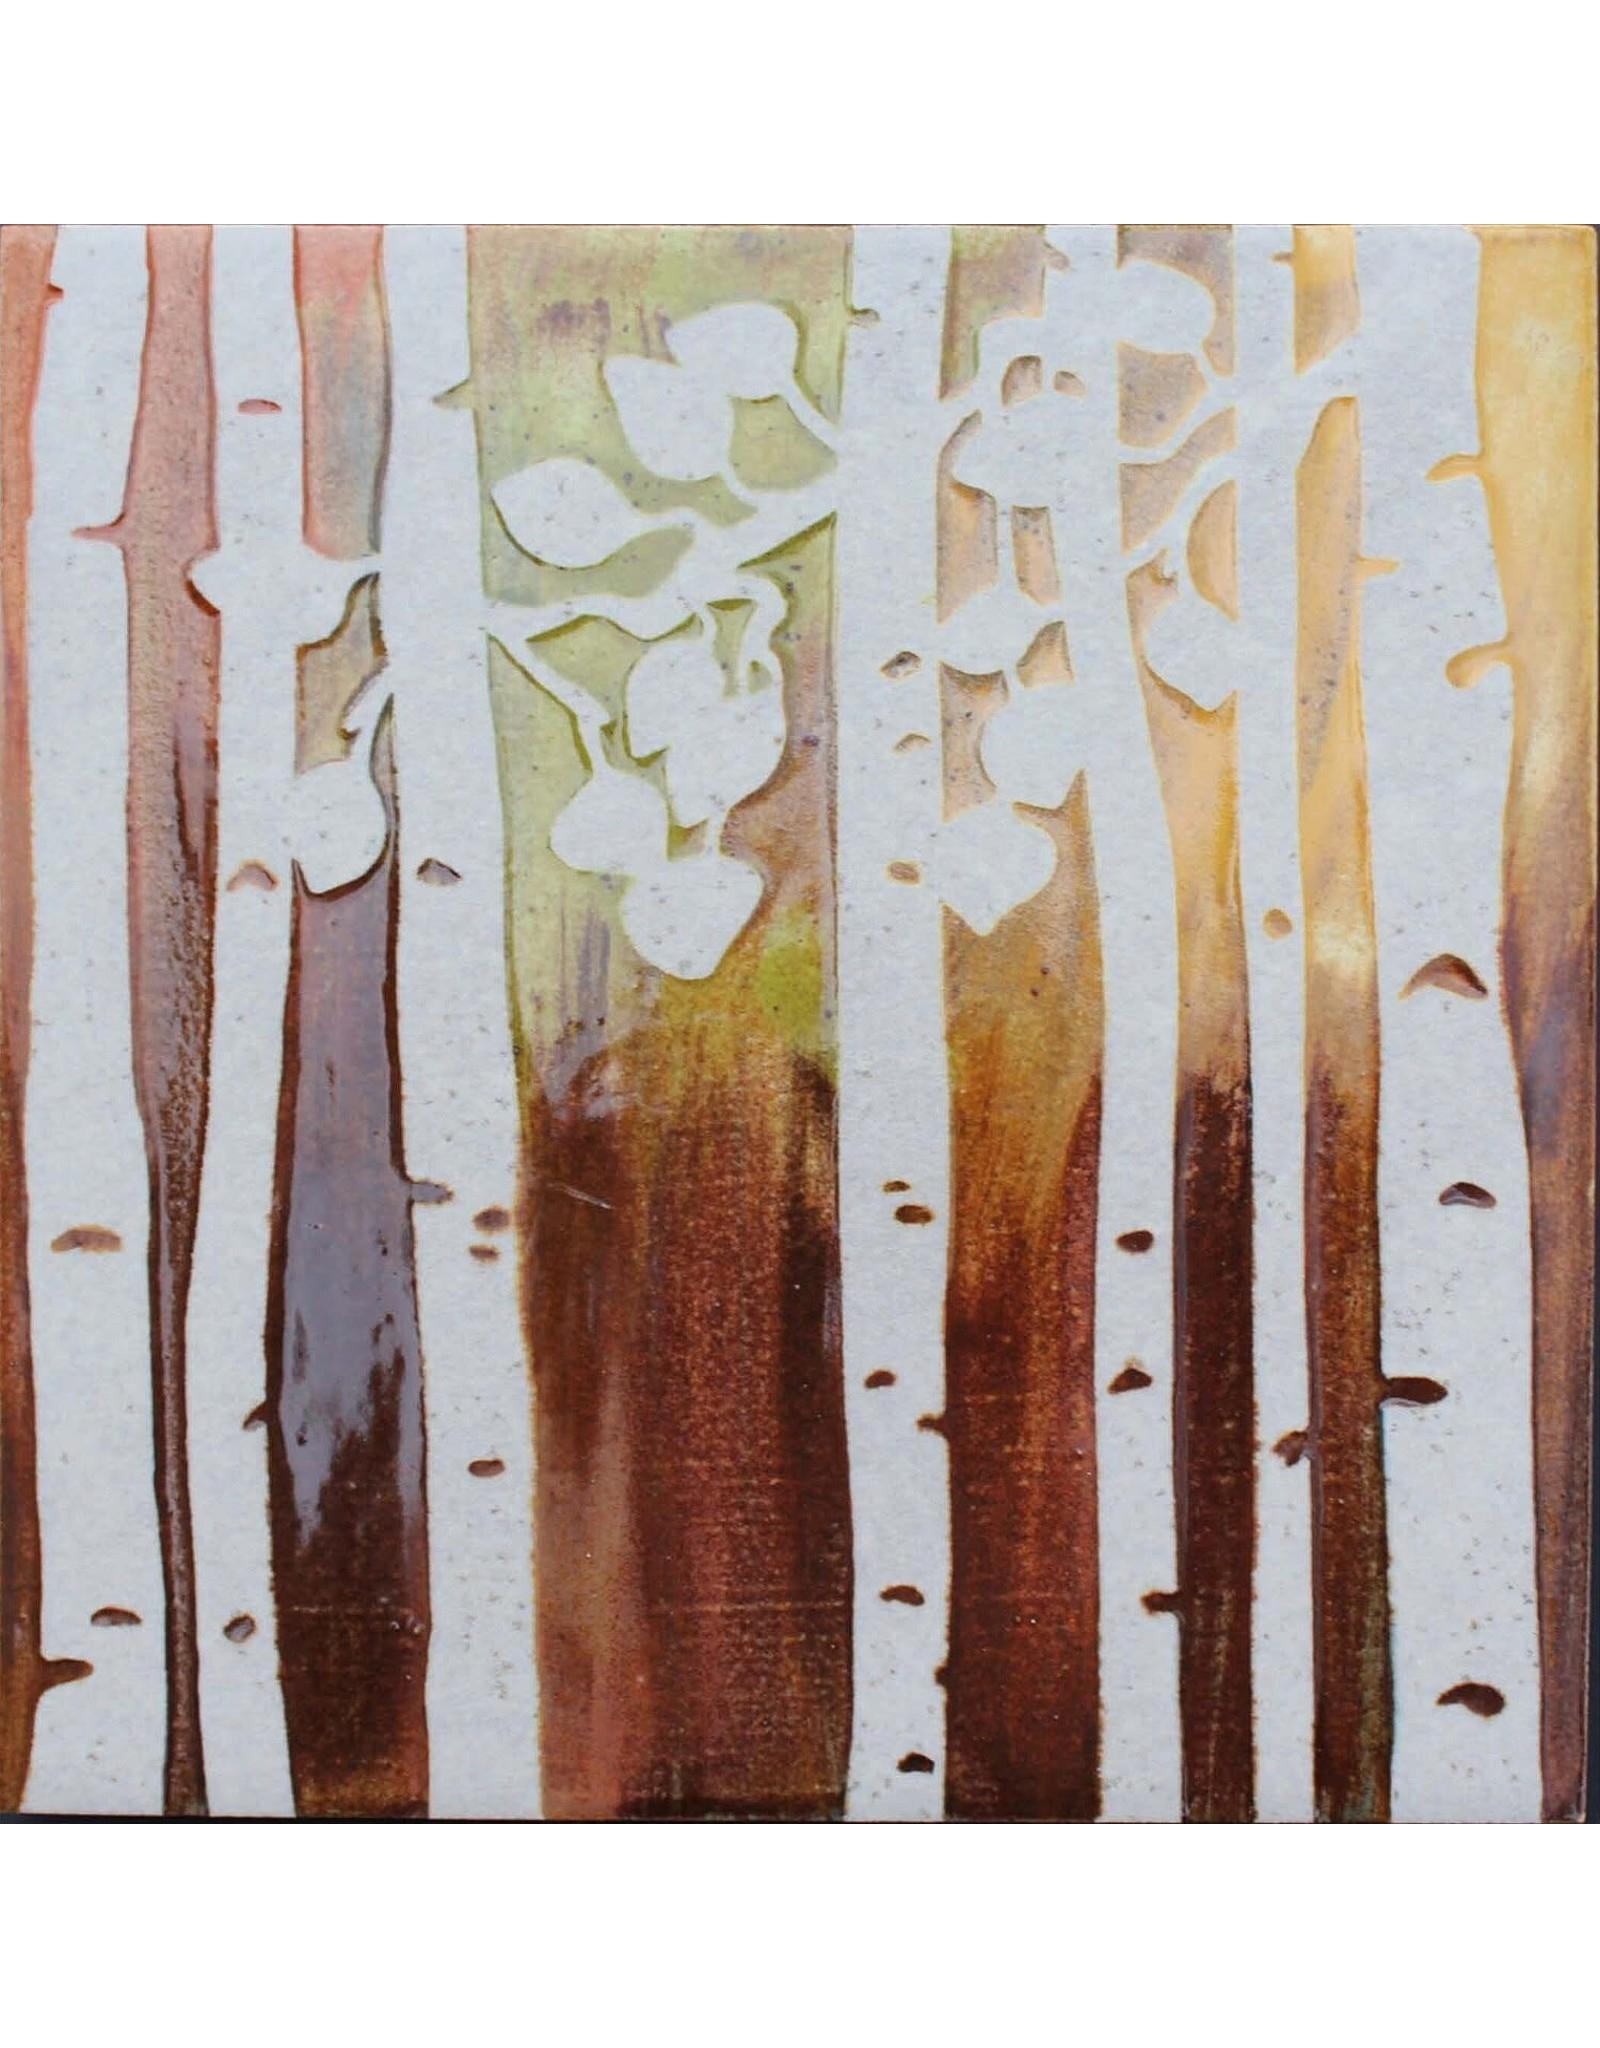 Brecht Studio Trivet Tile (birch trees) | Brecht Studio